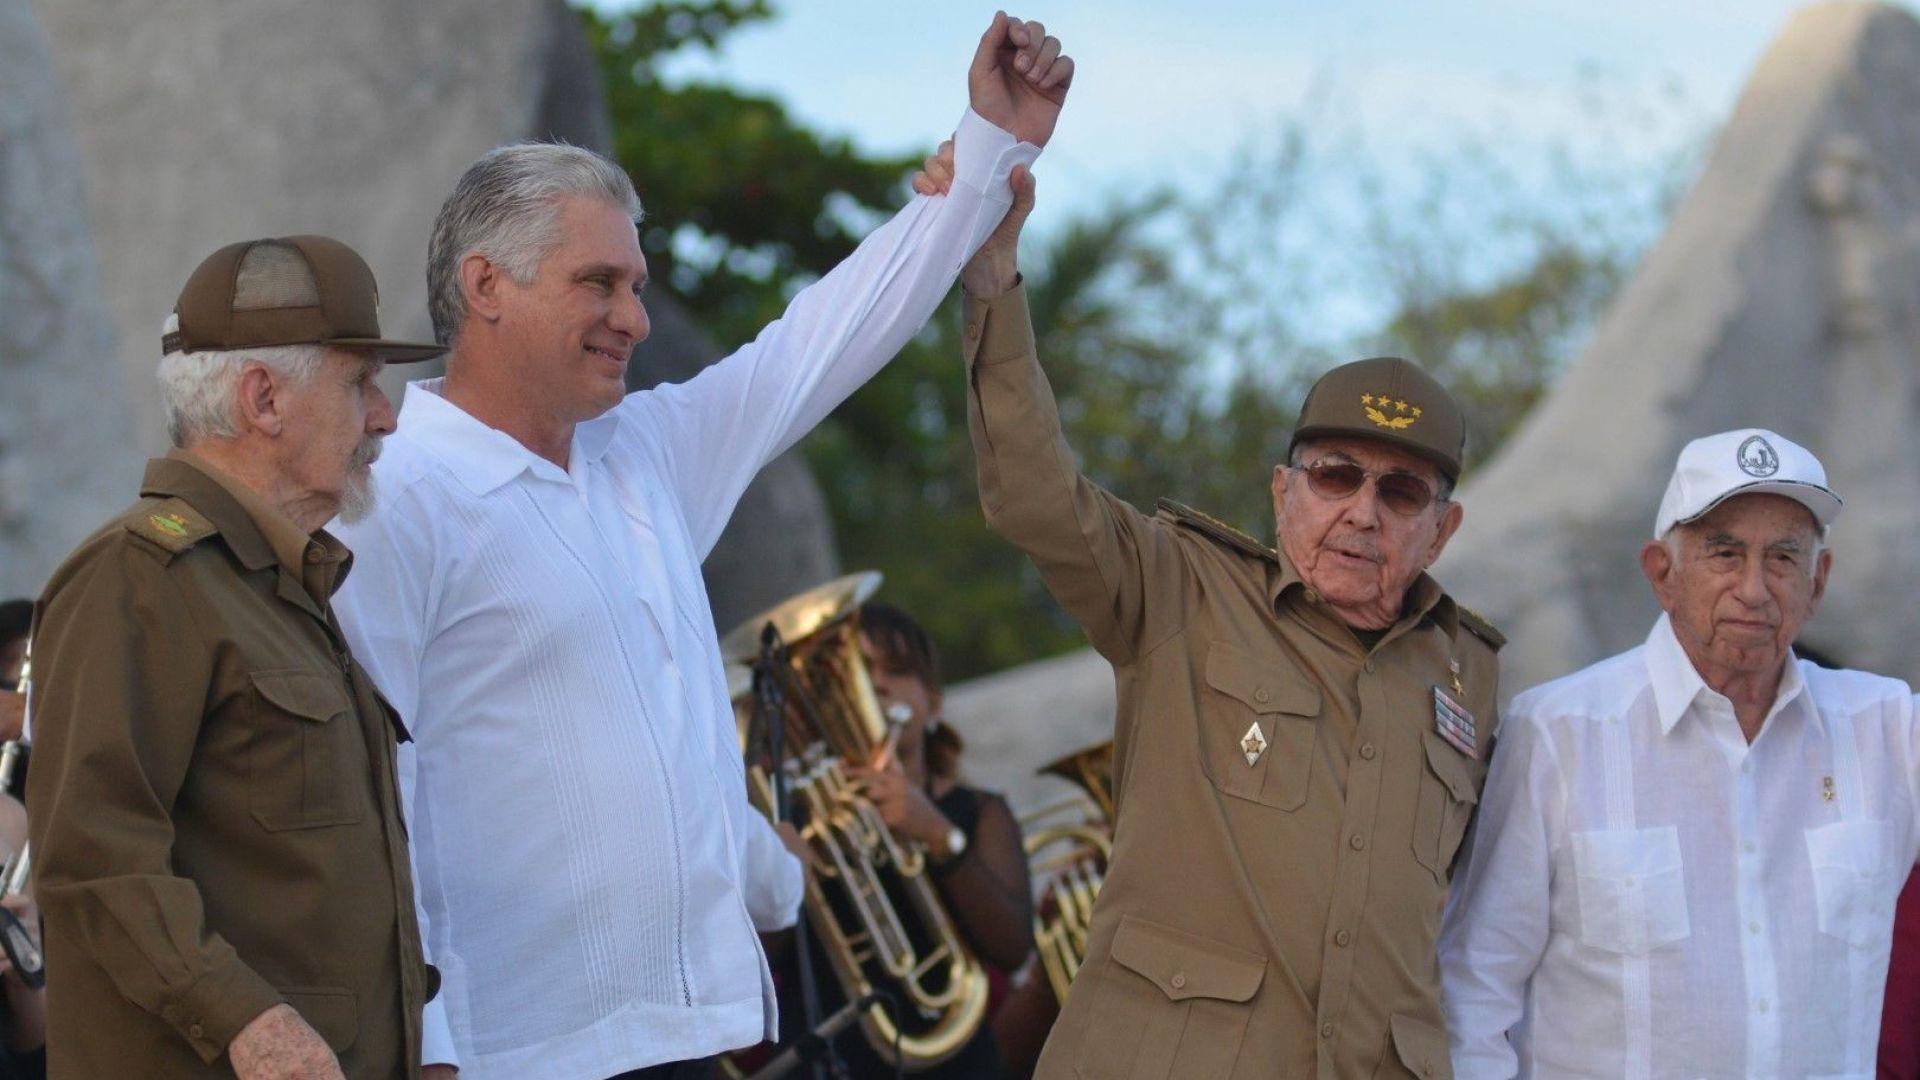 Кубинската национална авиокомпания отменя международни полети заради новите санкции на САЩ срещу Куба